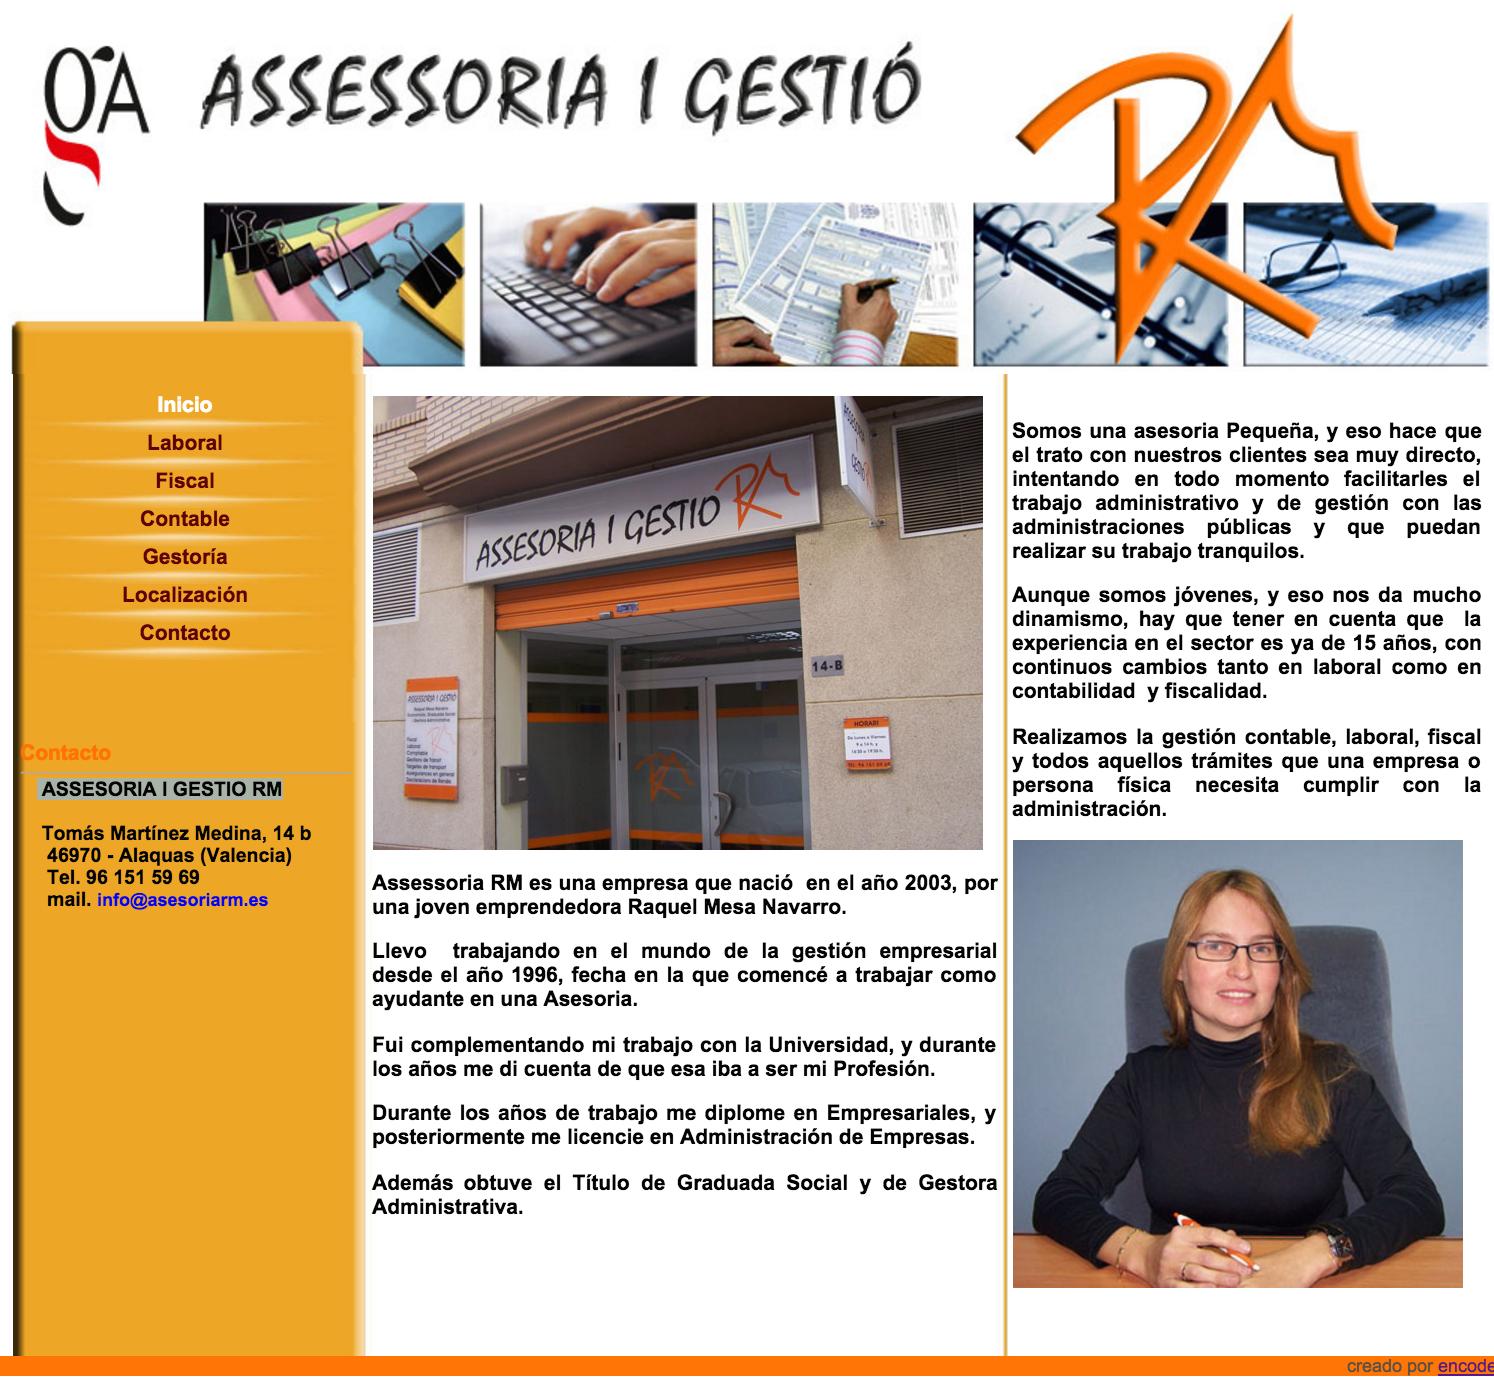 Assesoria i gestio rm encode soluciones infornaticas - Trabajo en alaquas ...